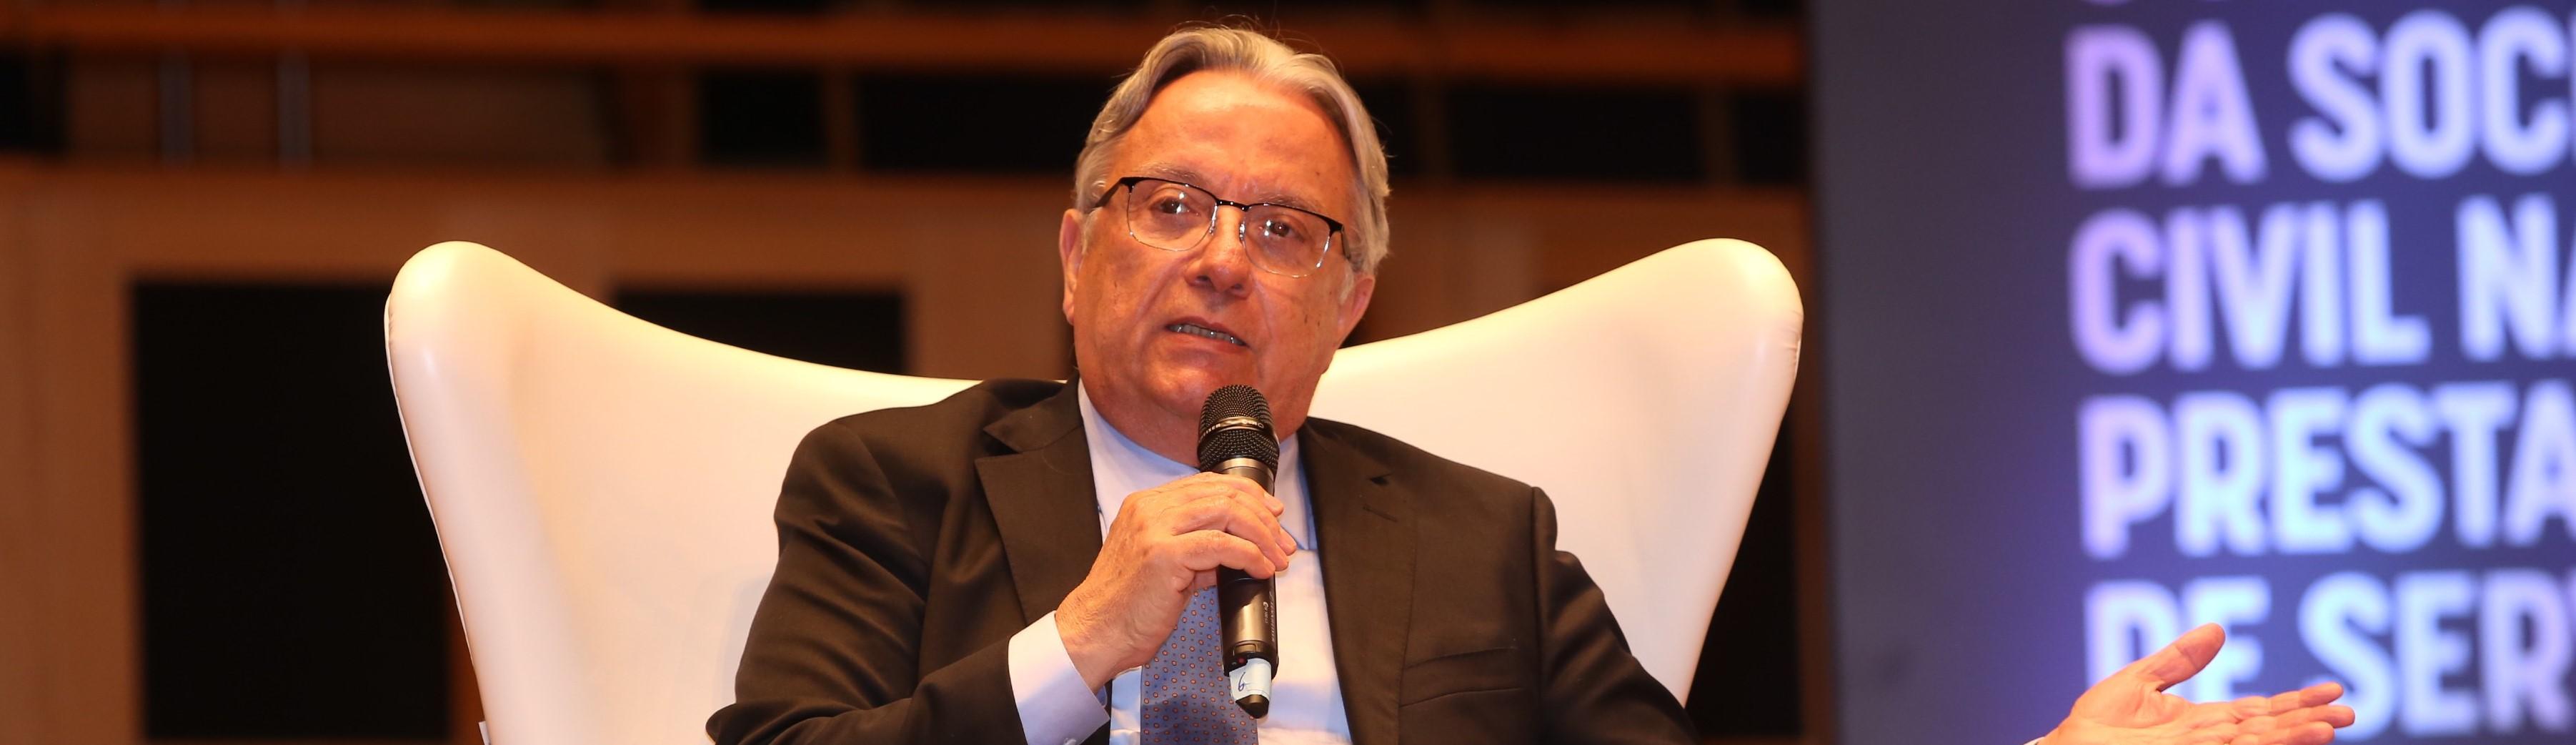 Artigo do presidente do Ibross reforça a necessidade de banir maus exemplos na Saúde